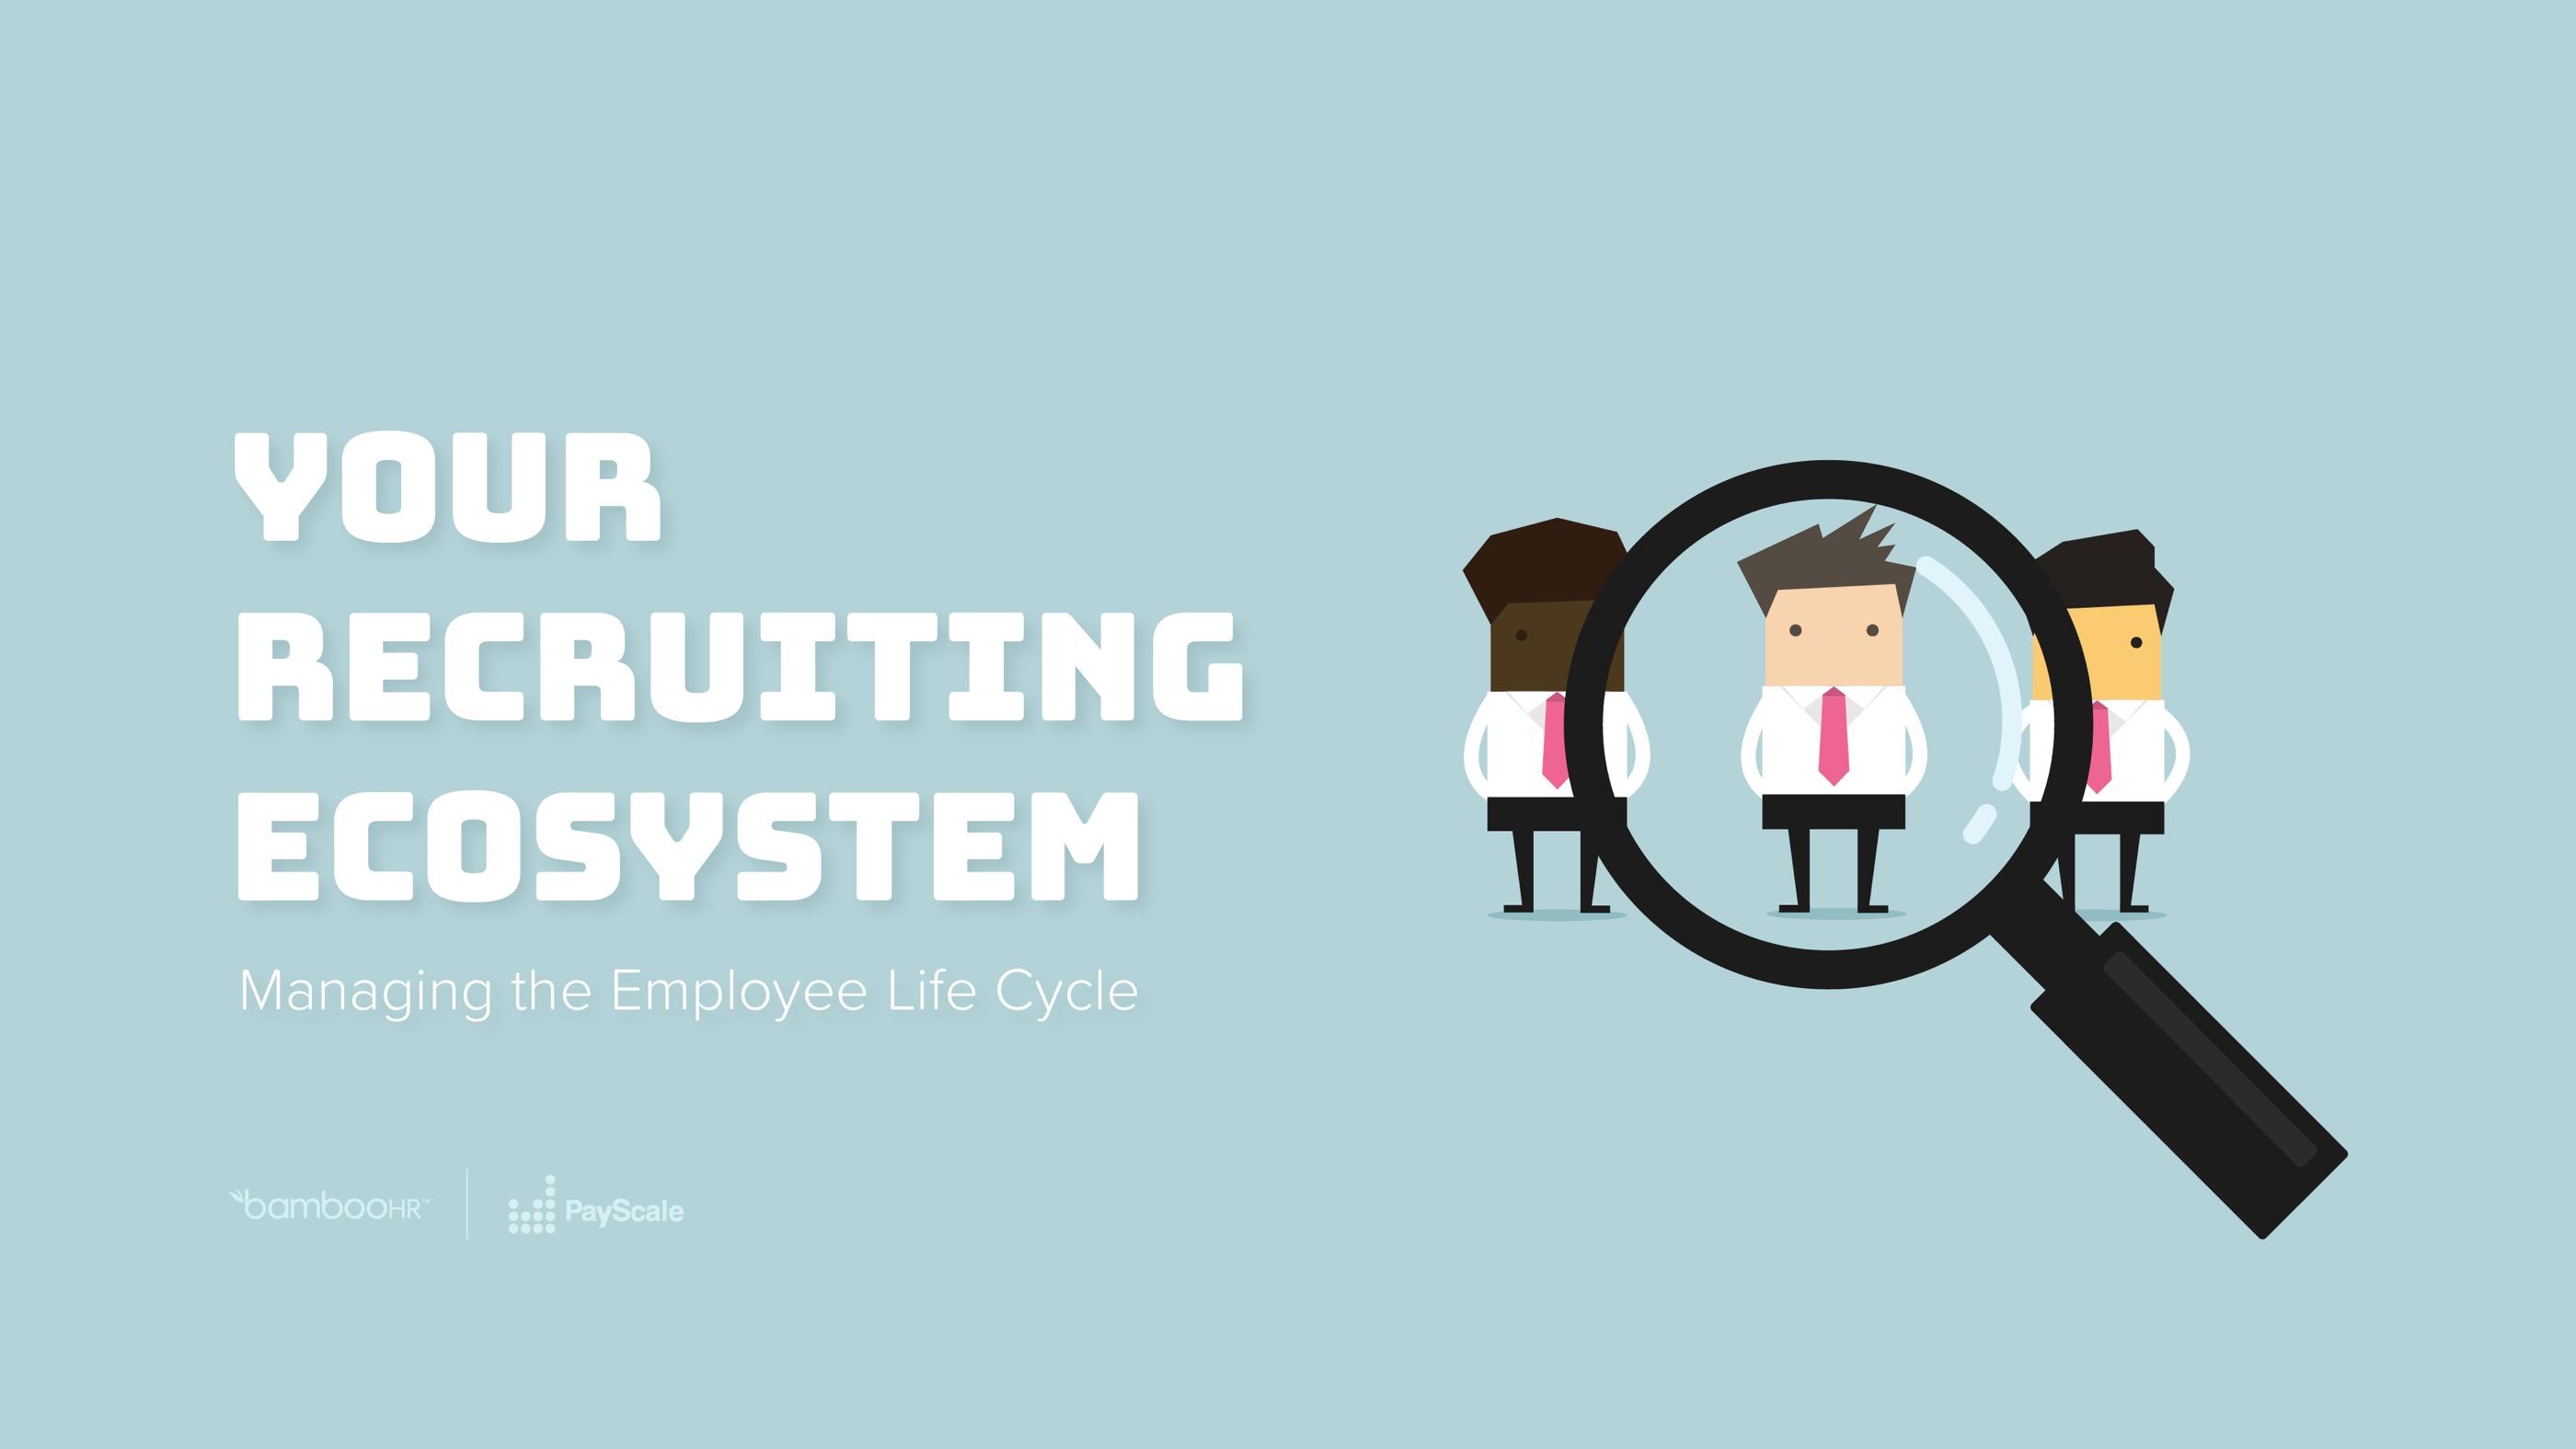 你的招聘生态系统:管理员工生命周期